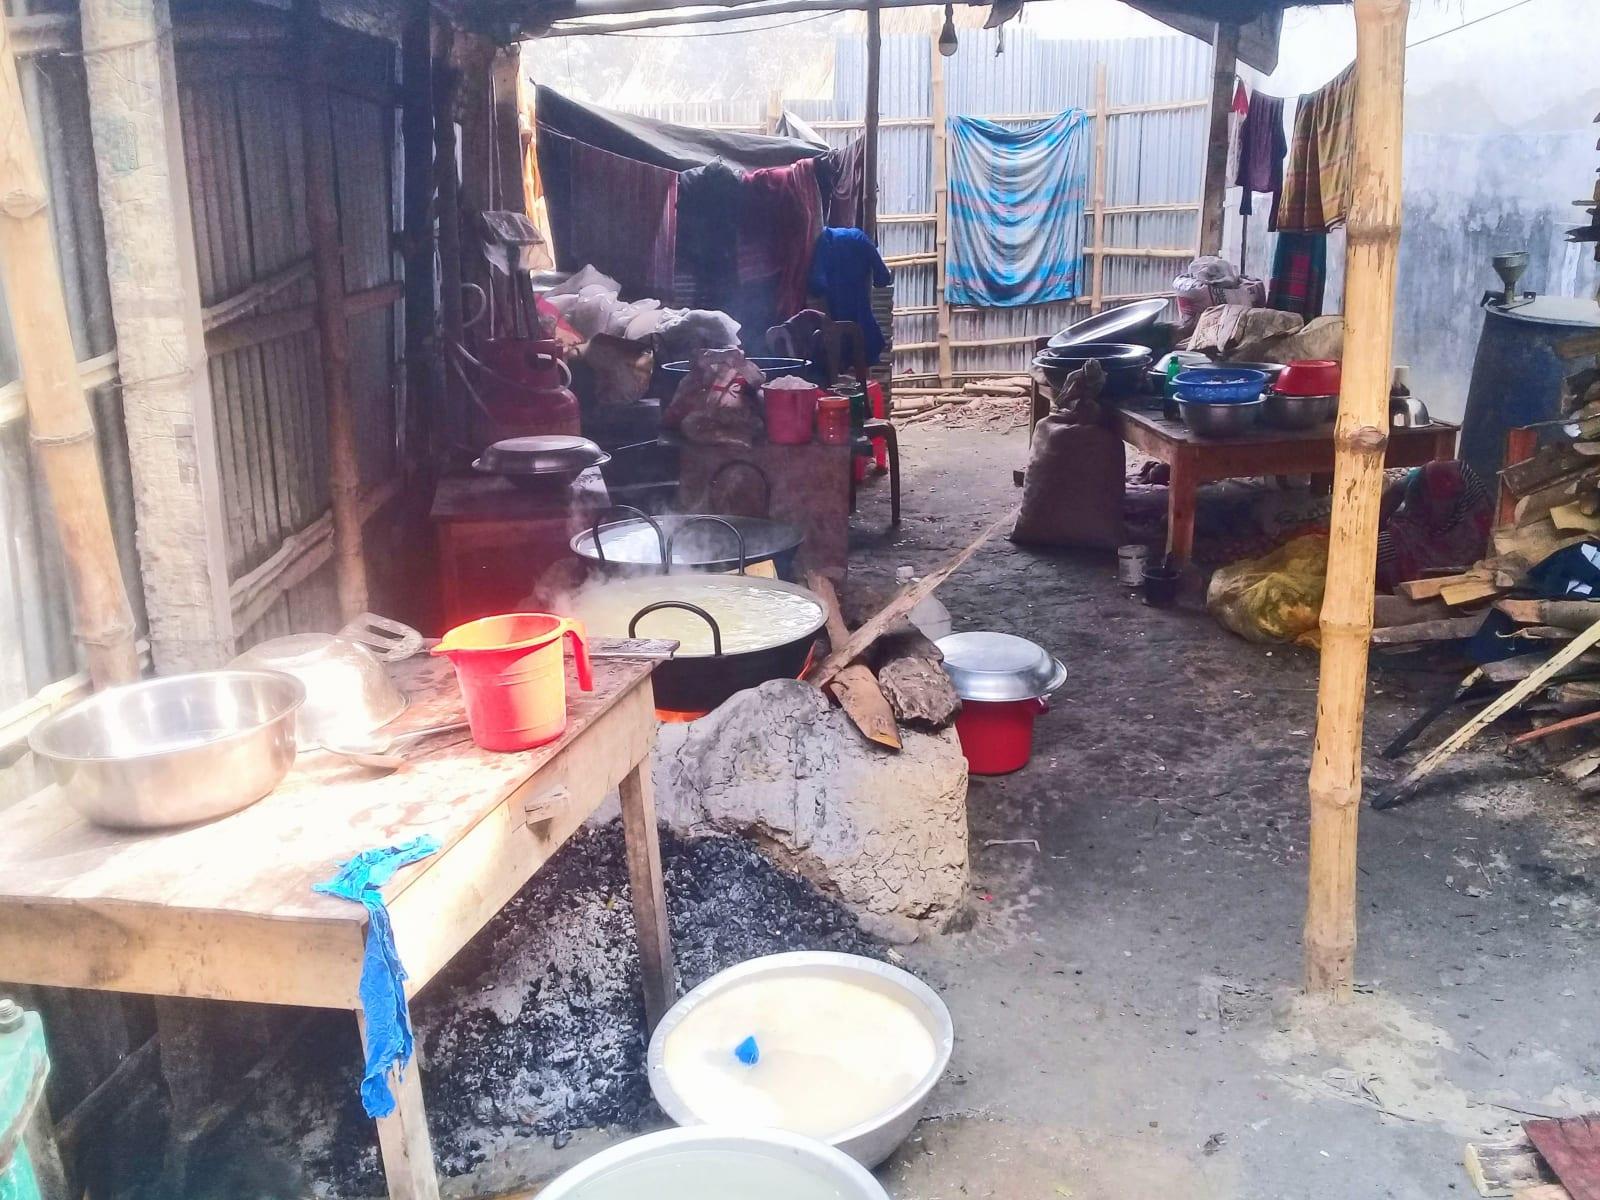 Pohled do kuchyně místní restaurace (ano jedli jsme tam), Bangladéš